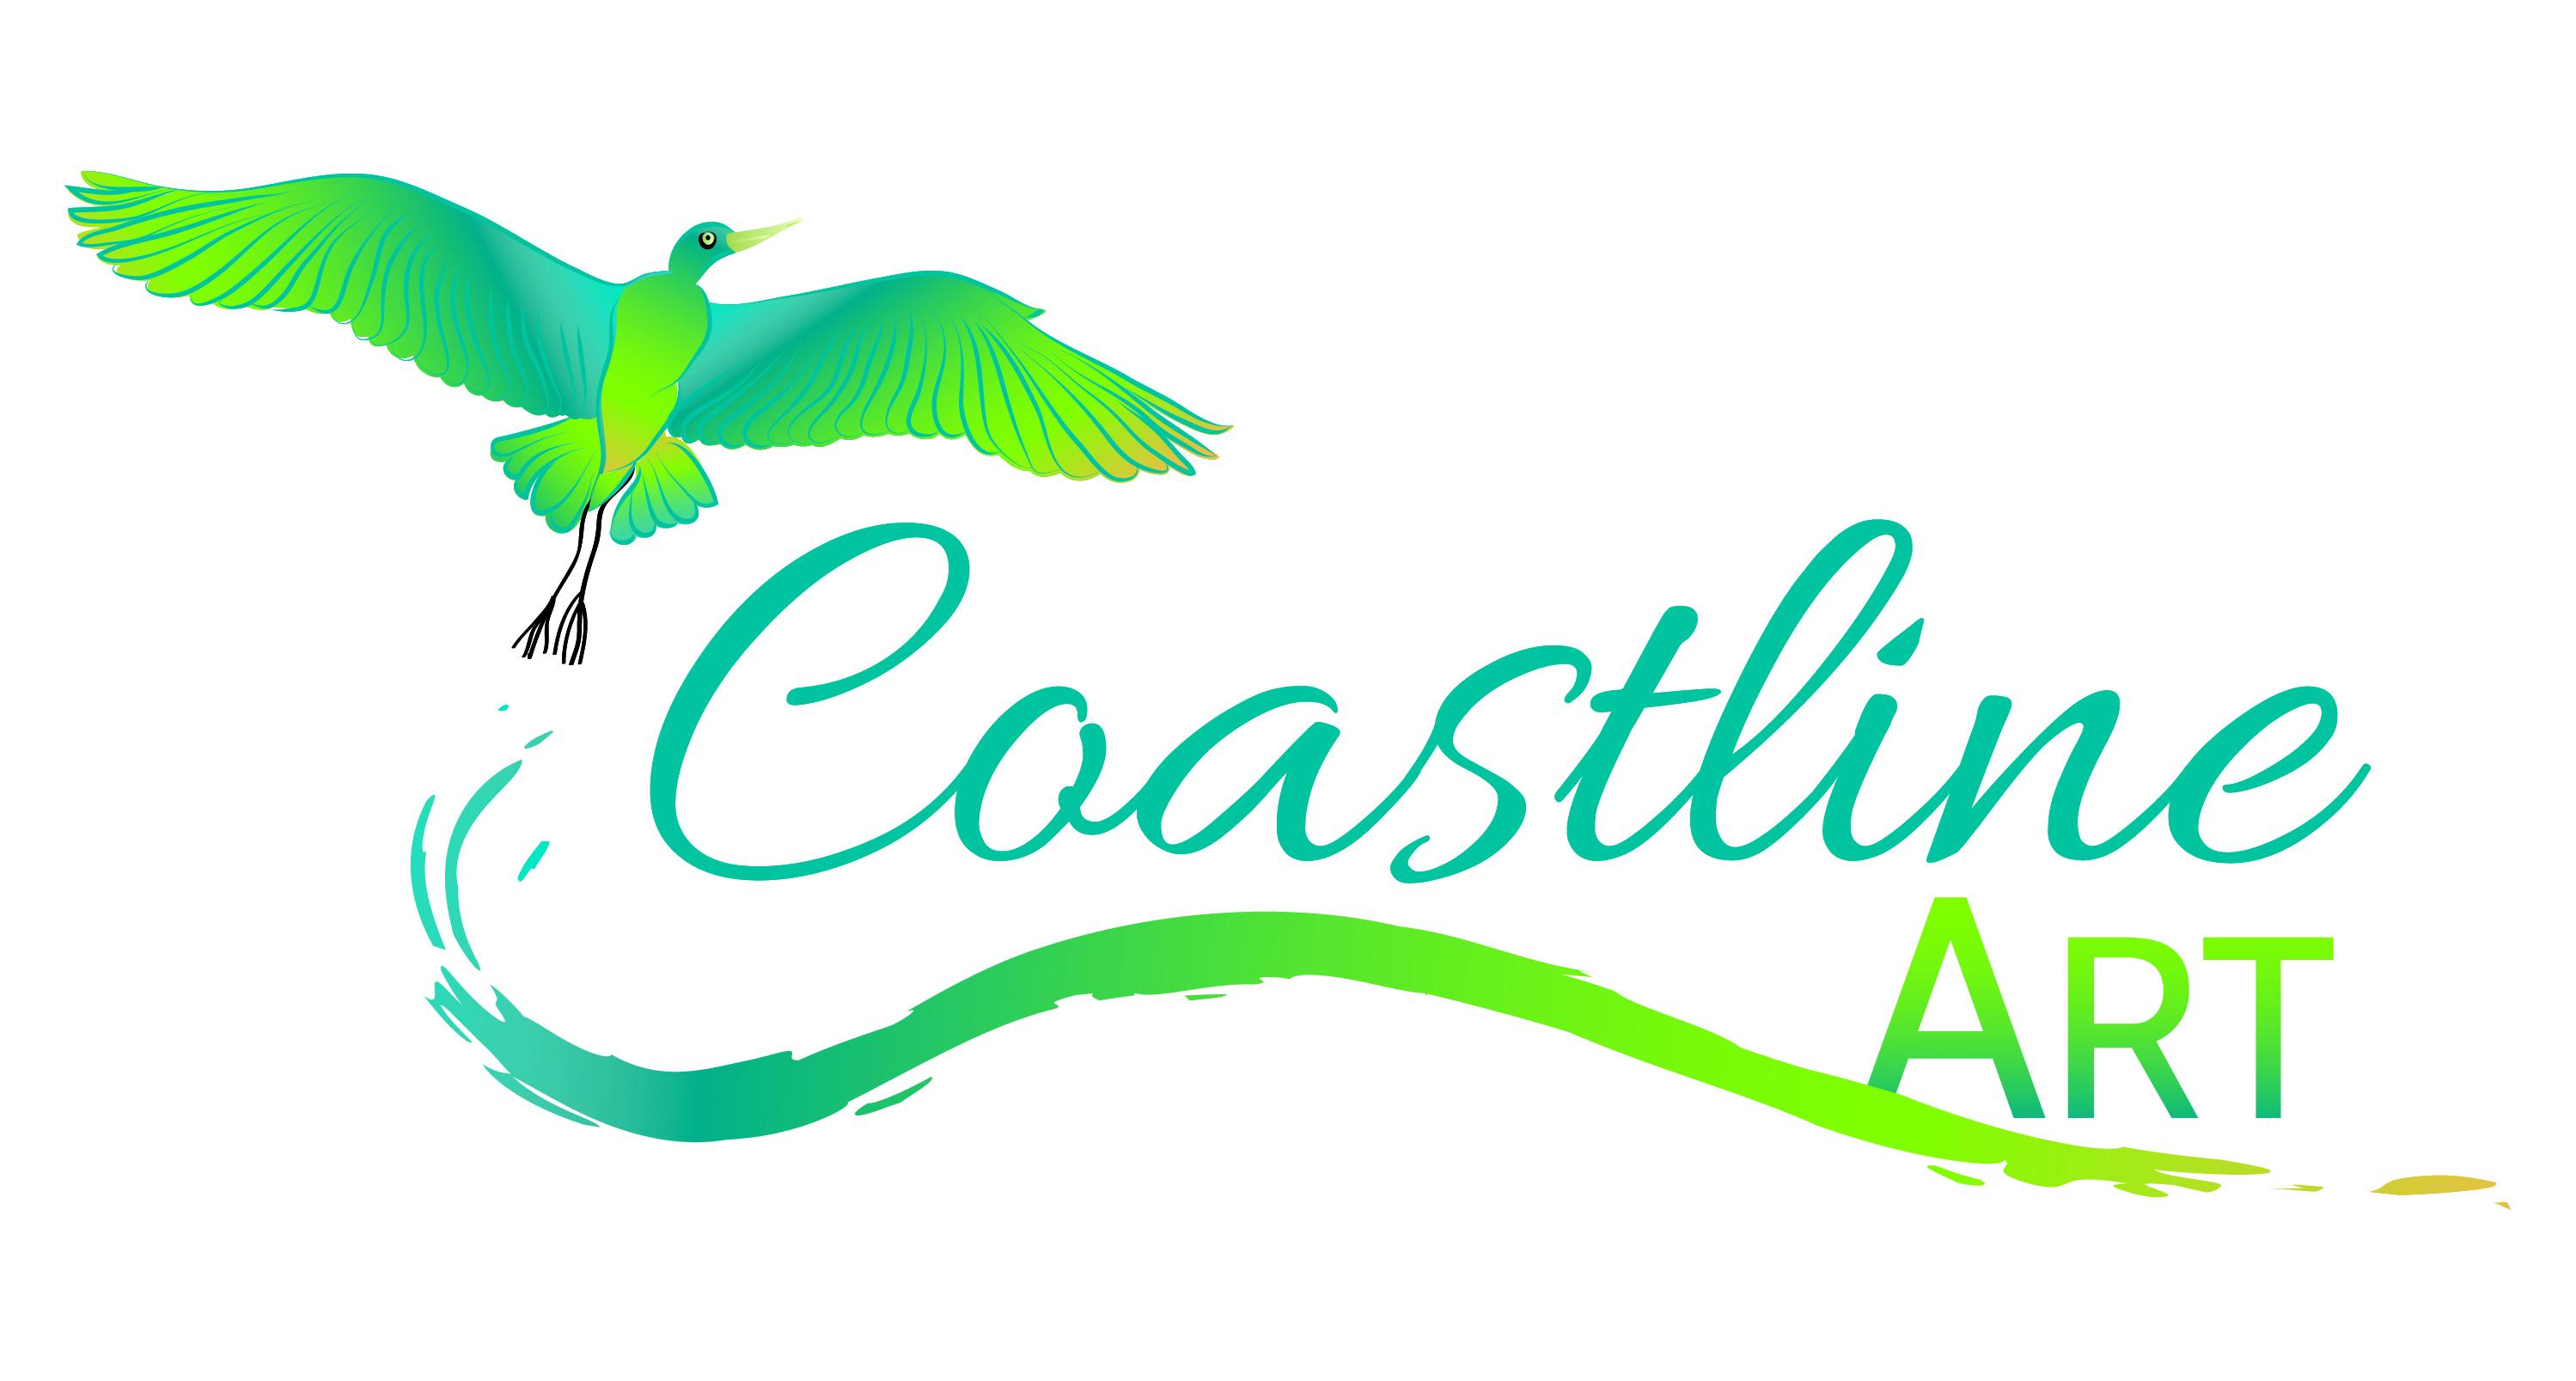 Coastline Art